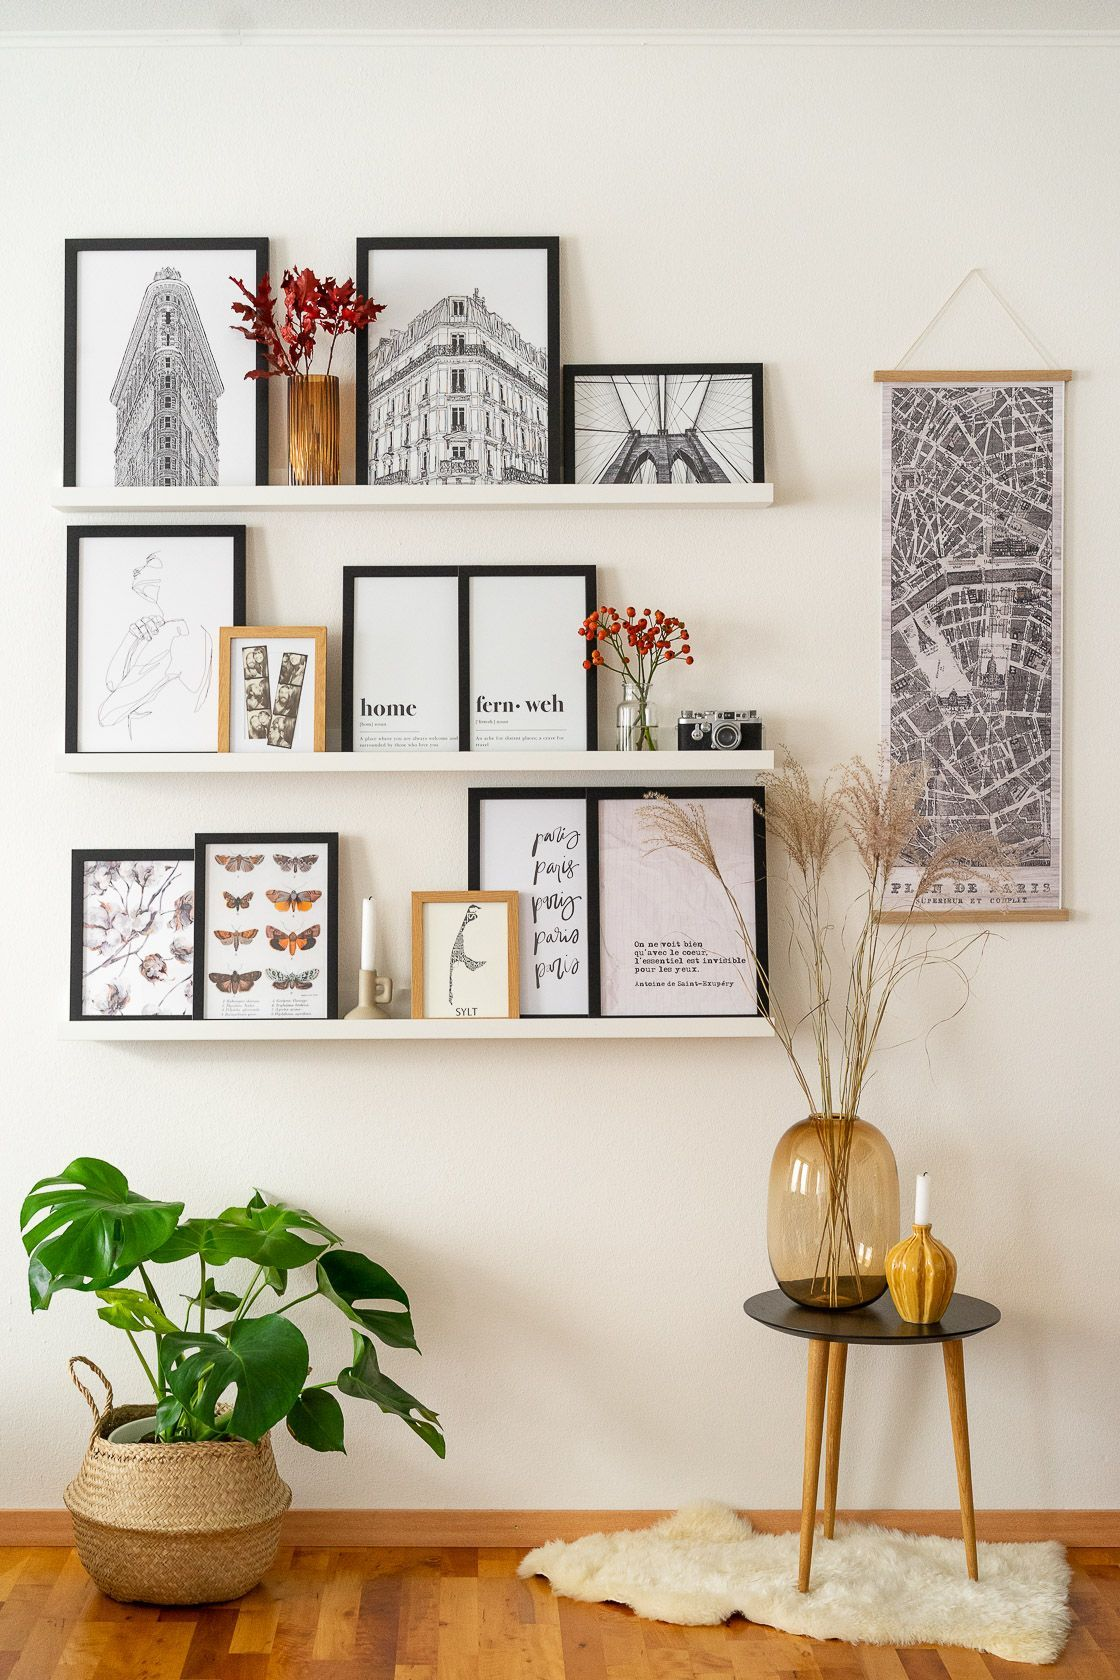 Fotowand gestalten – 5 Tipps & kreative Ideen – My Blog